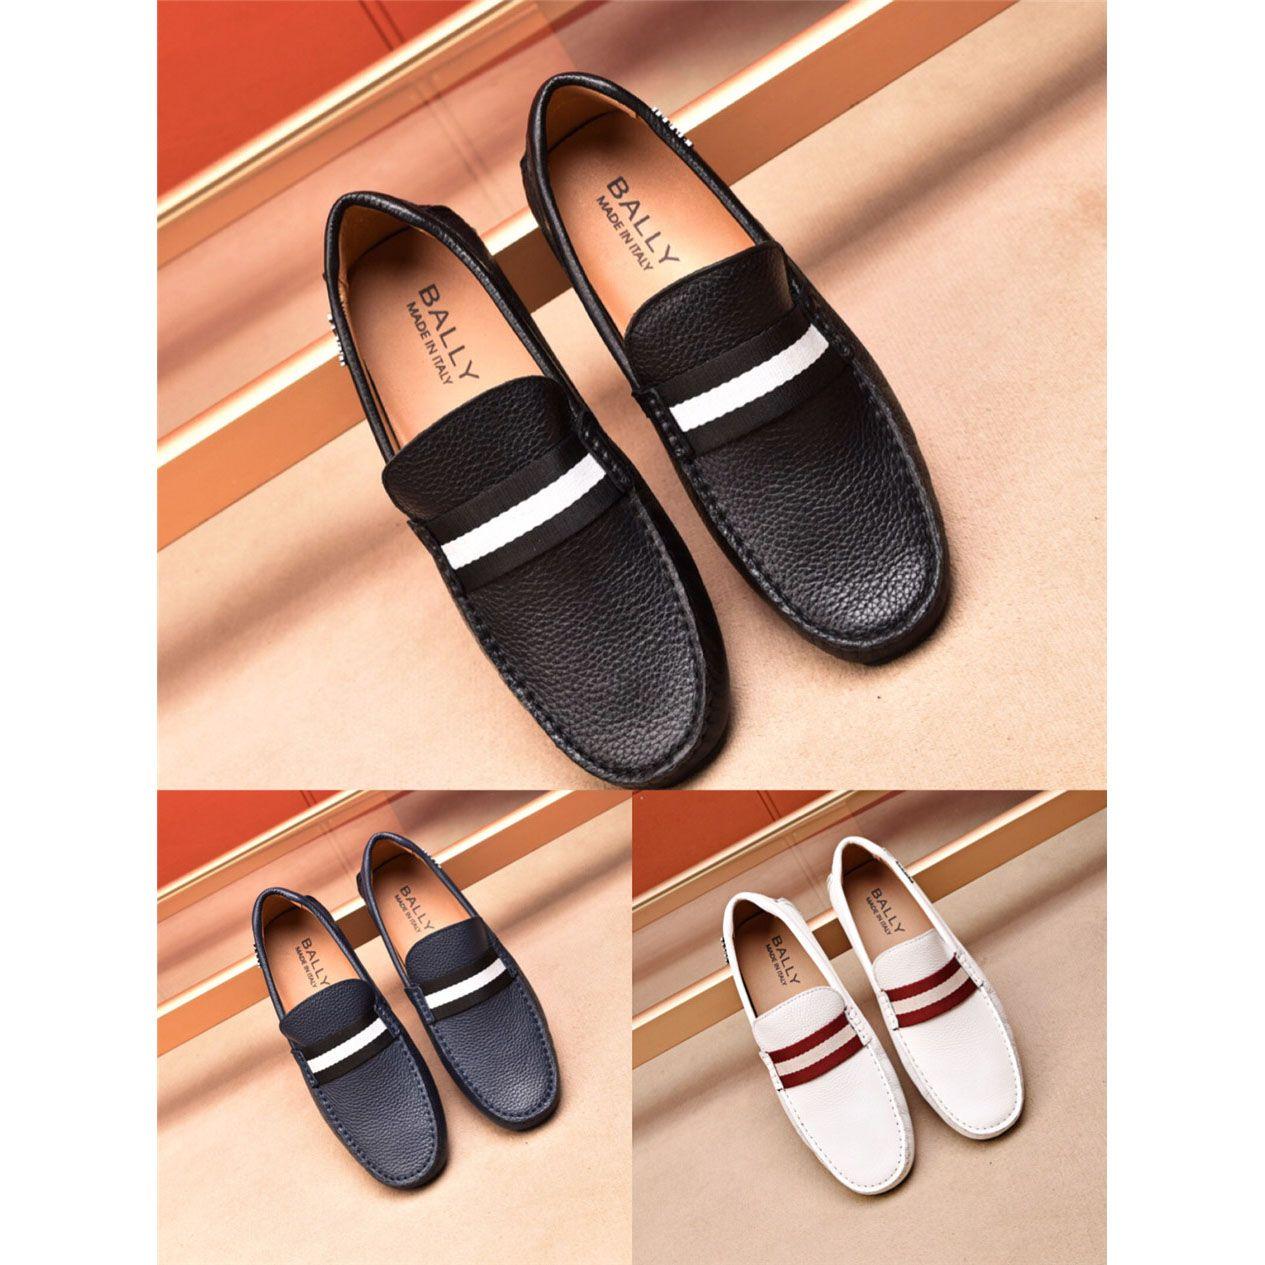 422ec333e Compre 3 Cores Mocassim Sapatos Dos Homens De Couro Genuíno Dos Homens  Flats Respirável Sapatos Italianos Mocassins Confortáveis Plus Size 38 45  Sapatos ...